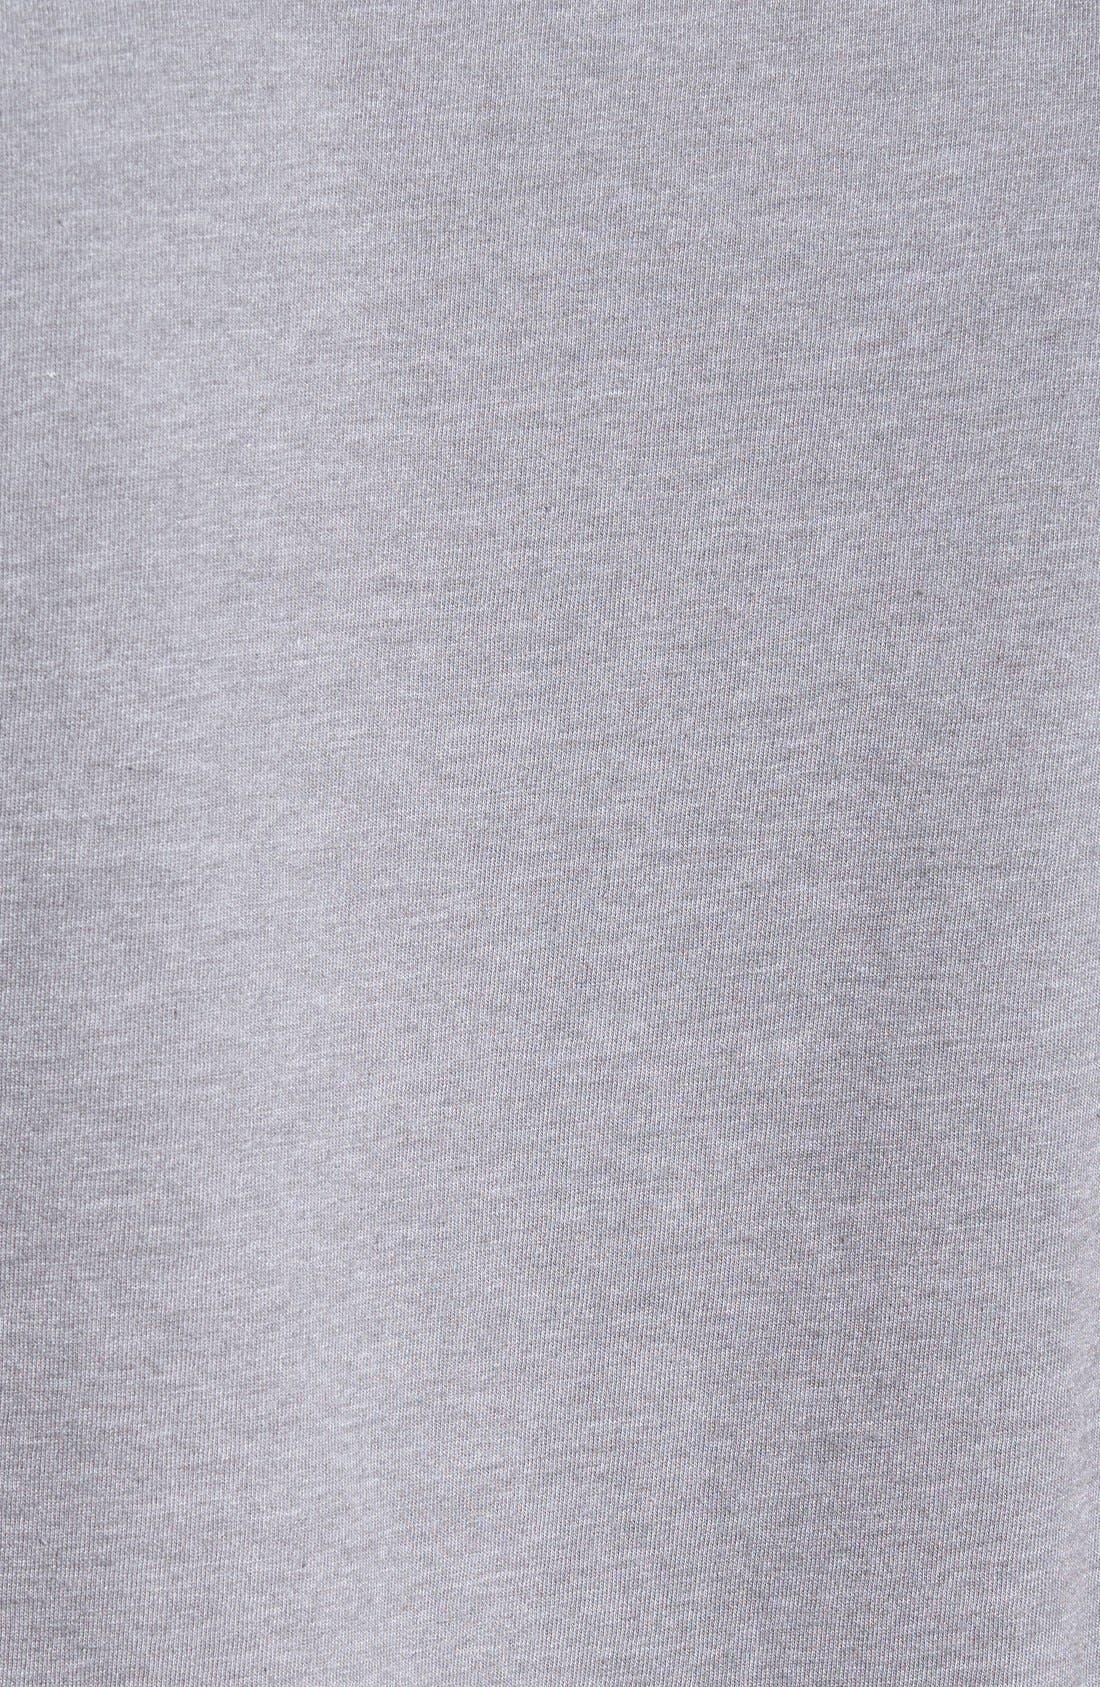 'Fitz Roy Crest' Slim Fit Organic Cotton Blend T-Shirt,                             Alternate thumbnail 10, color,